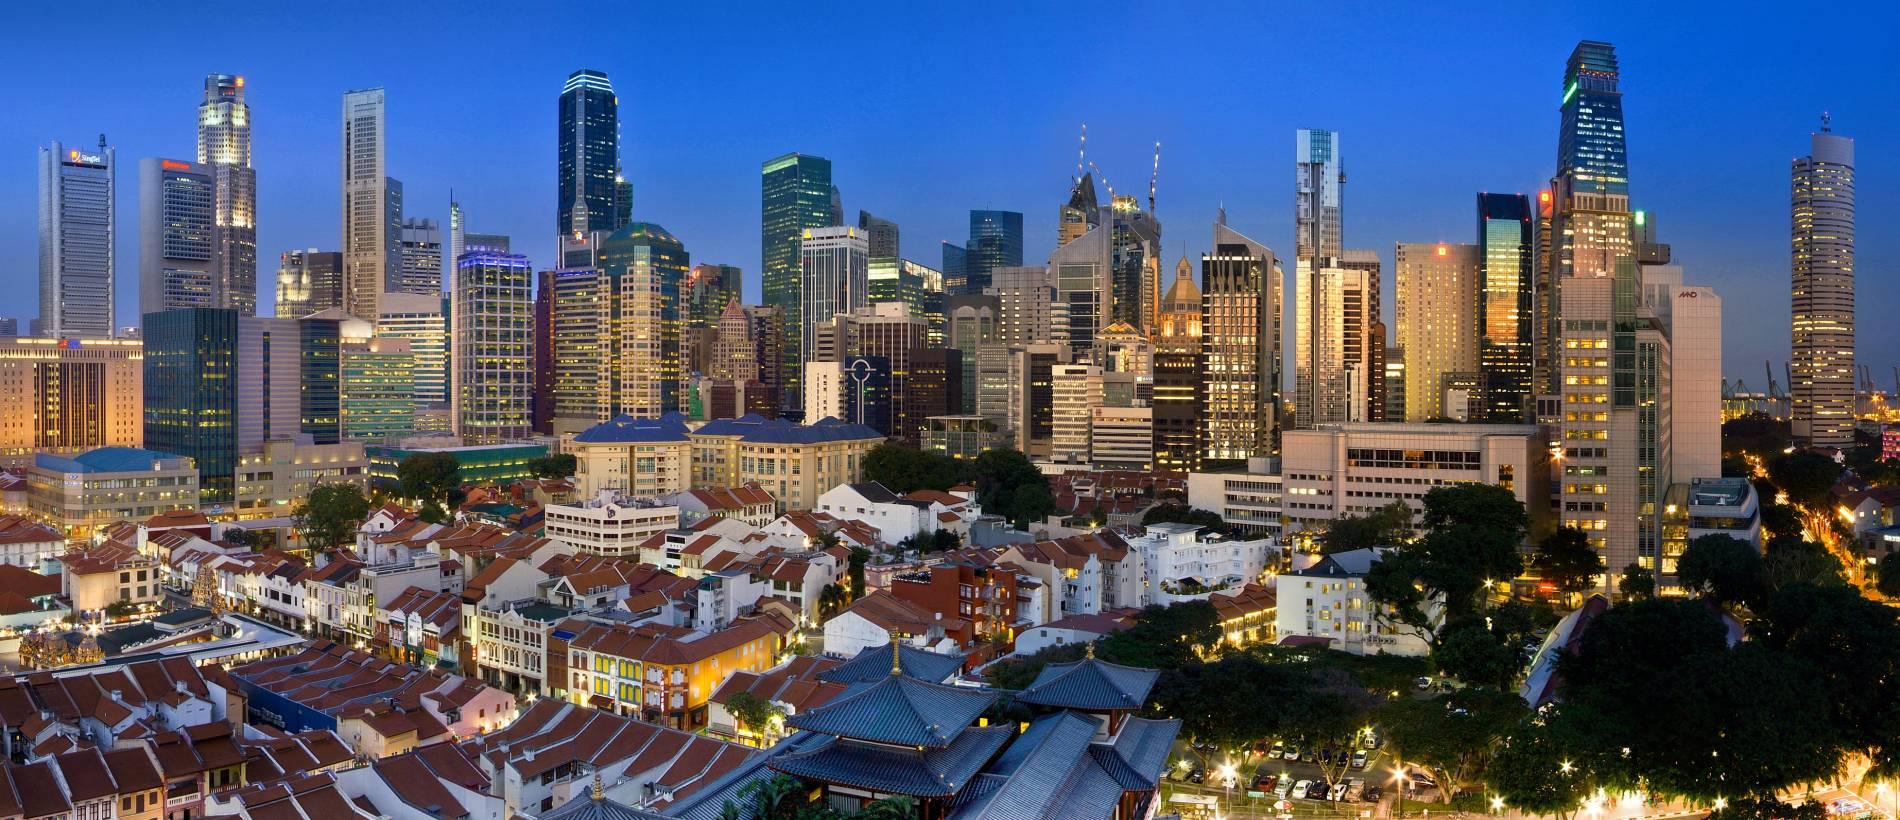 คู่มือ ท่องเที่ยว สิงคโปร์